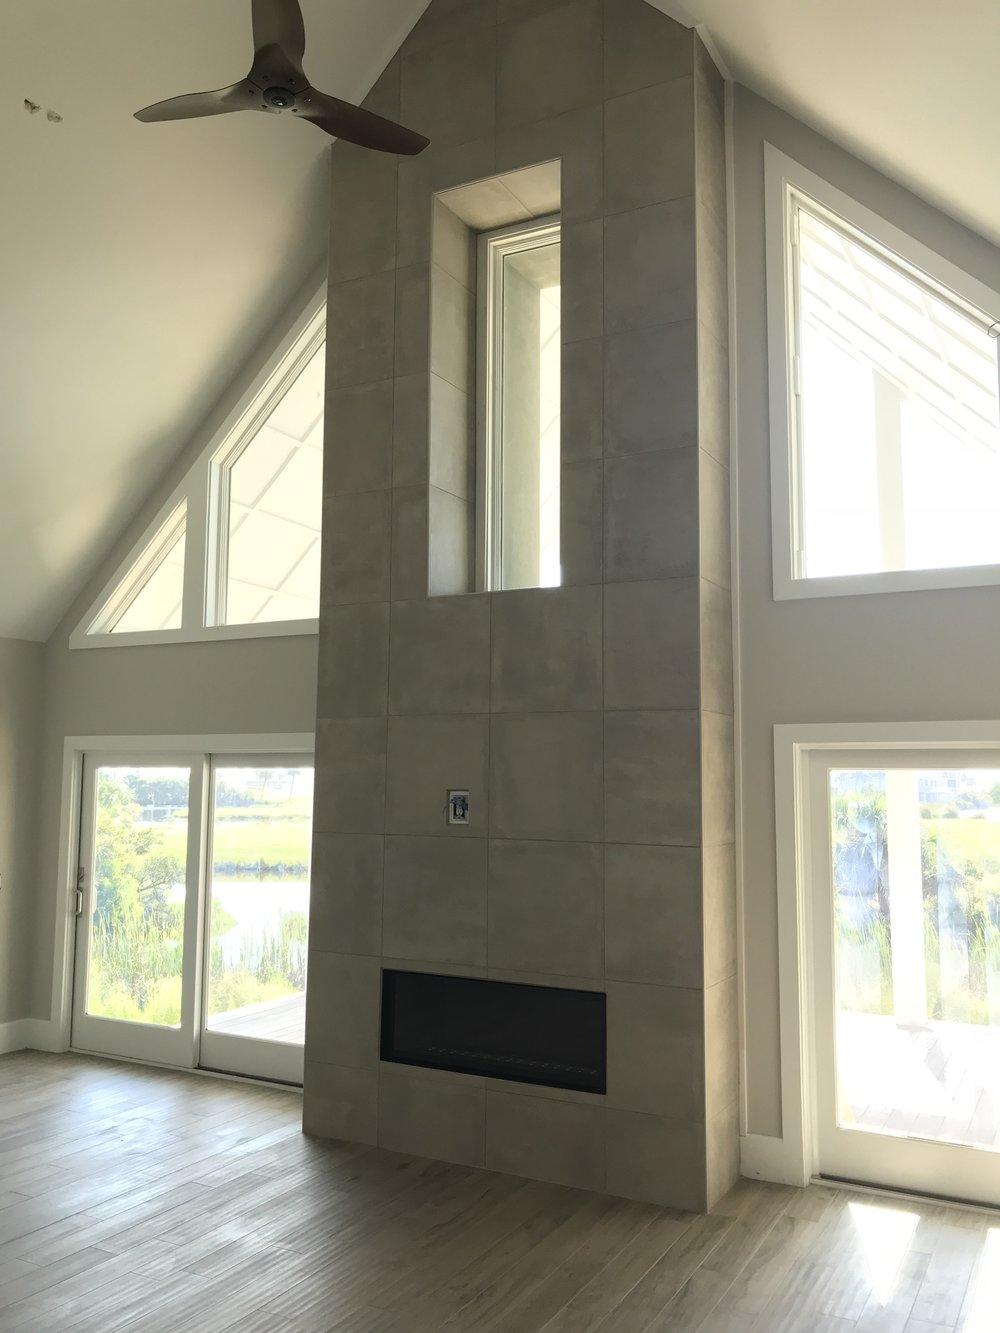 Window in chimney